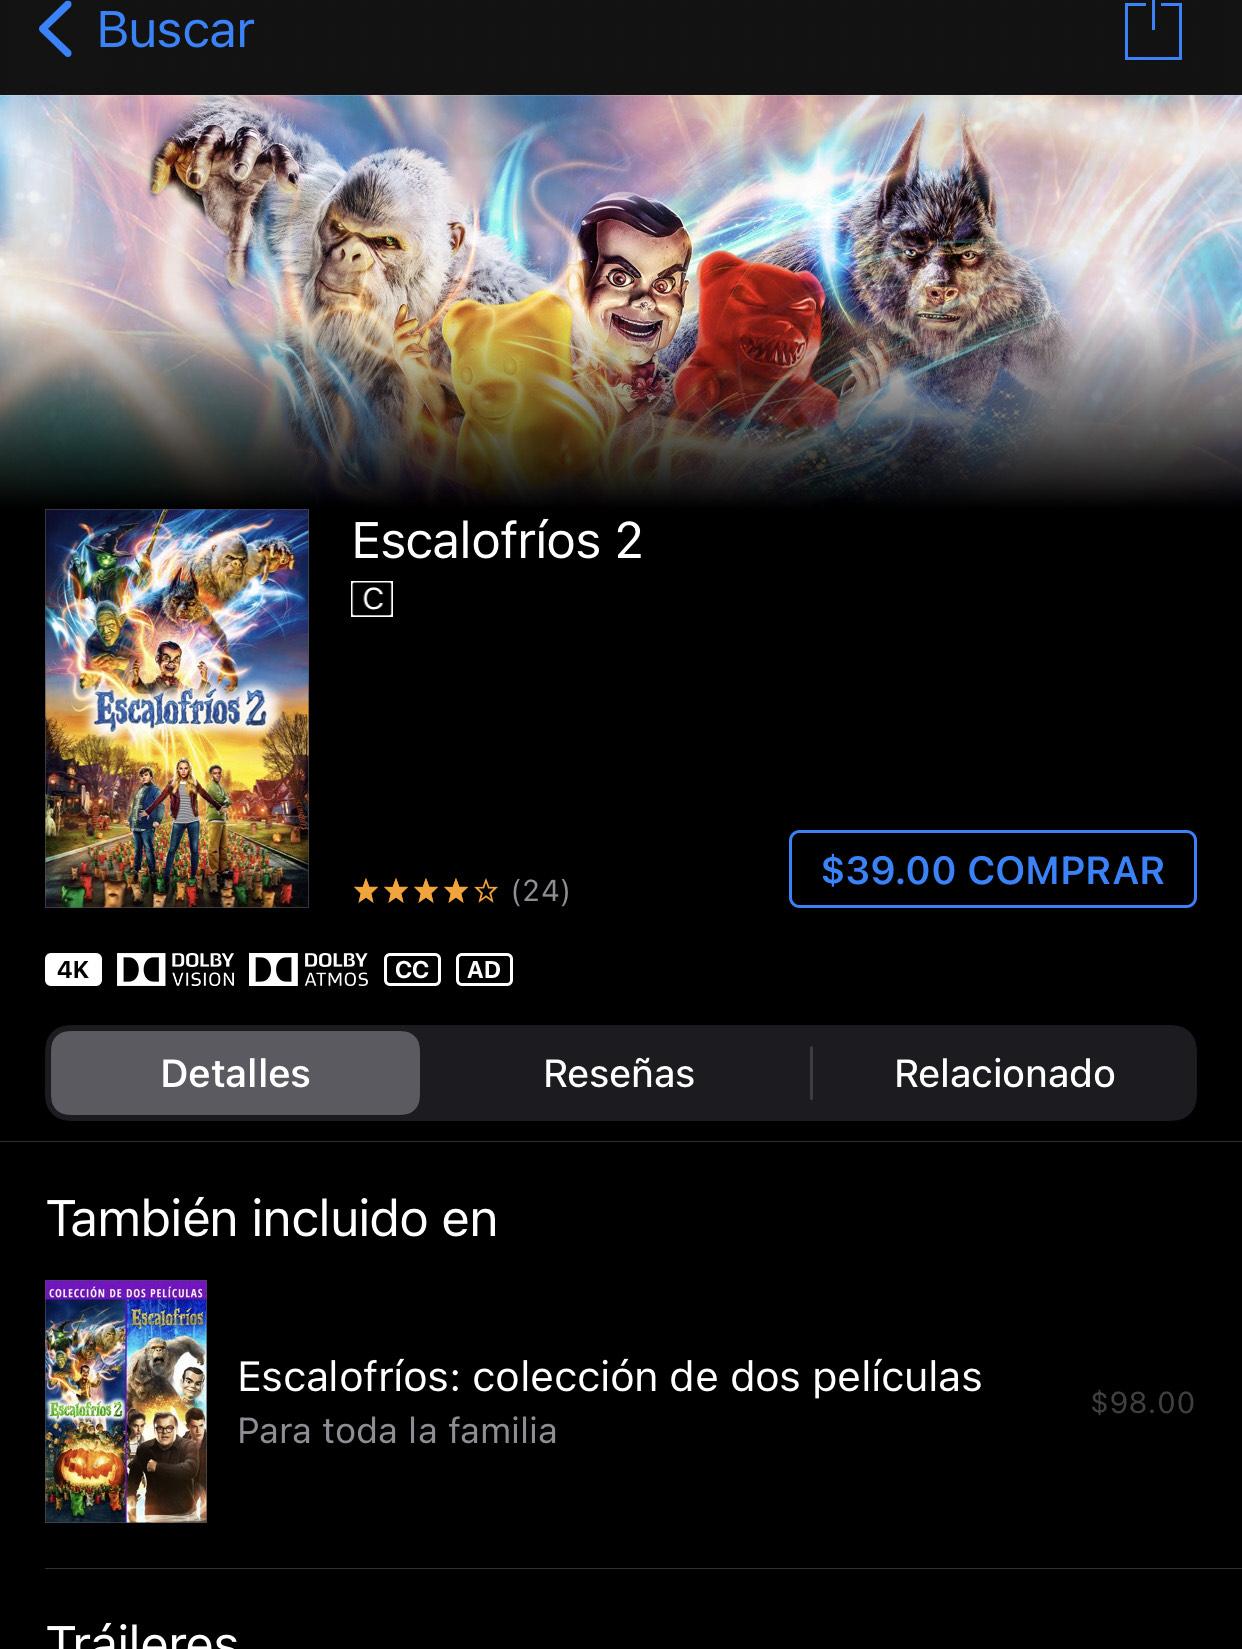 iTunes: Escalofríos 2